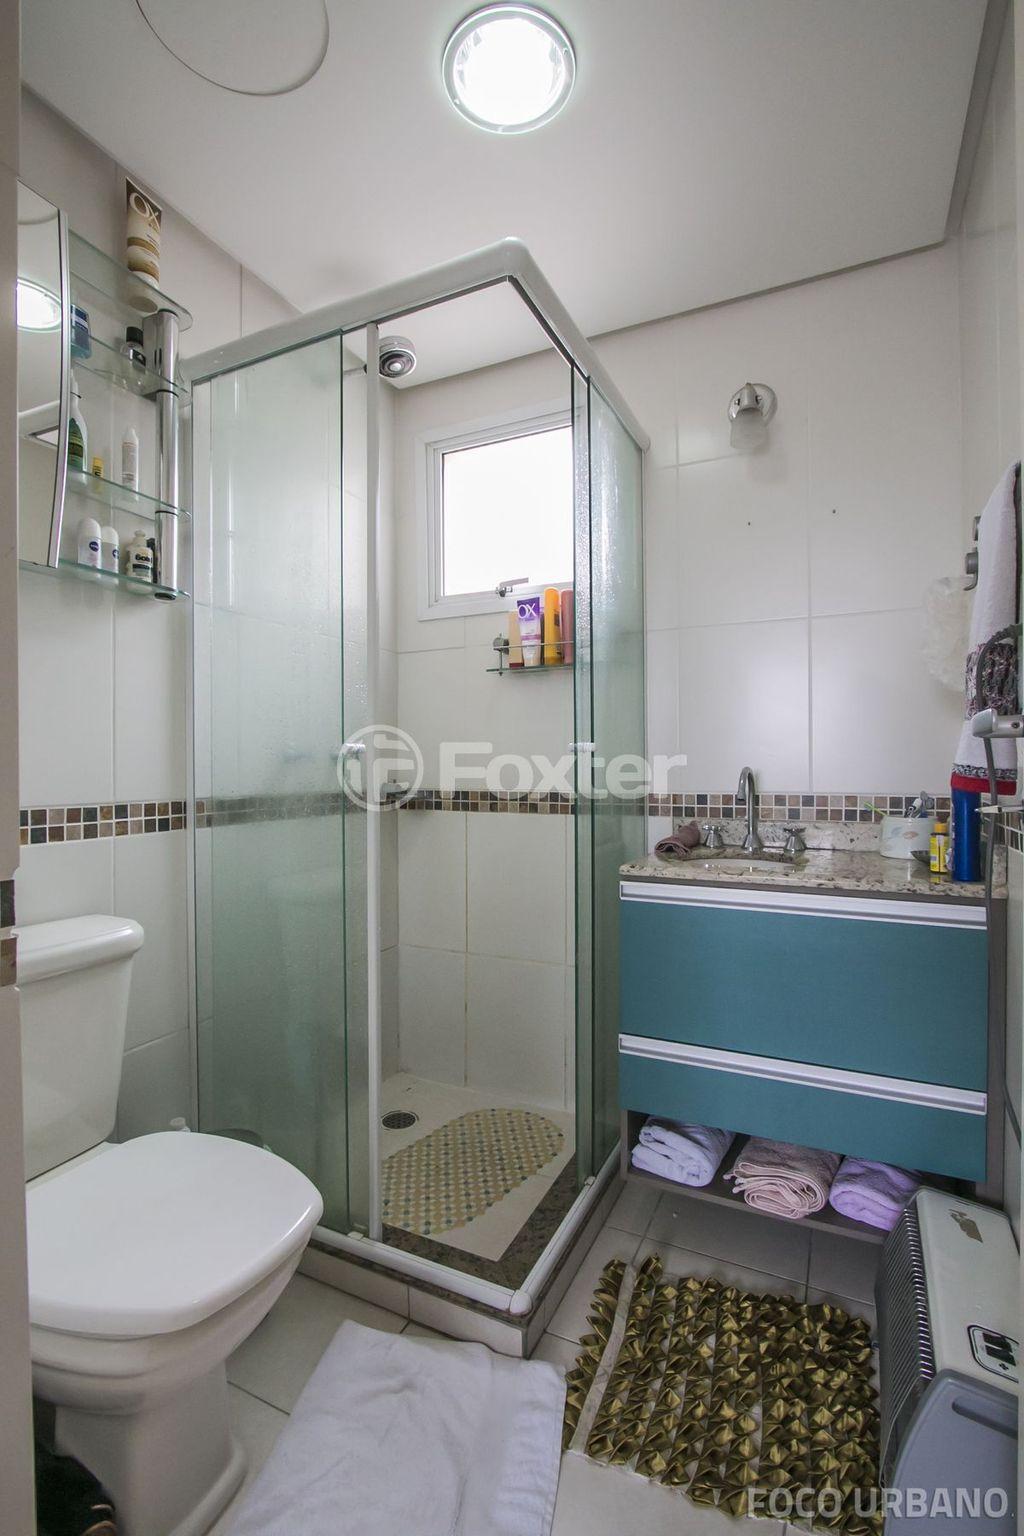 Foxter Imobiliária - Cobertura 2 Dorm (146243) - Foto 18